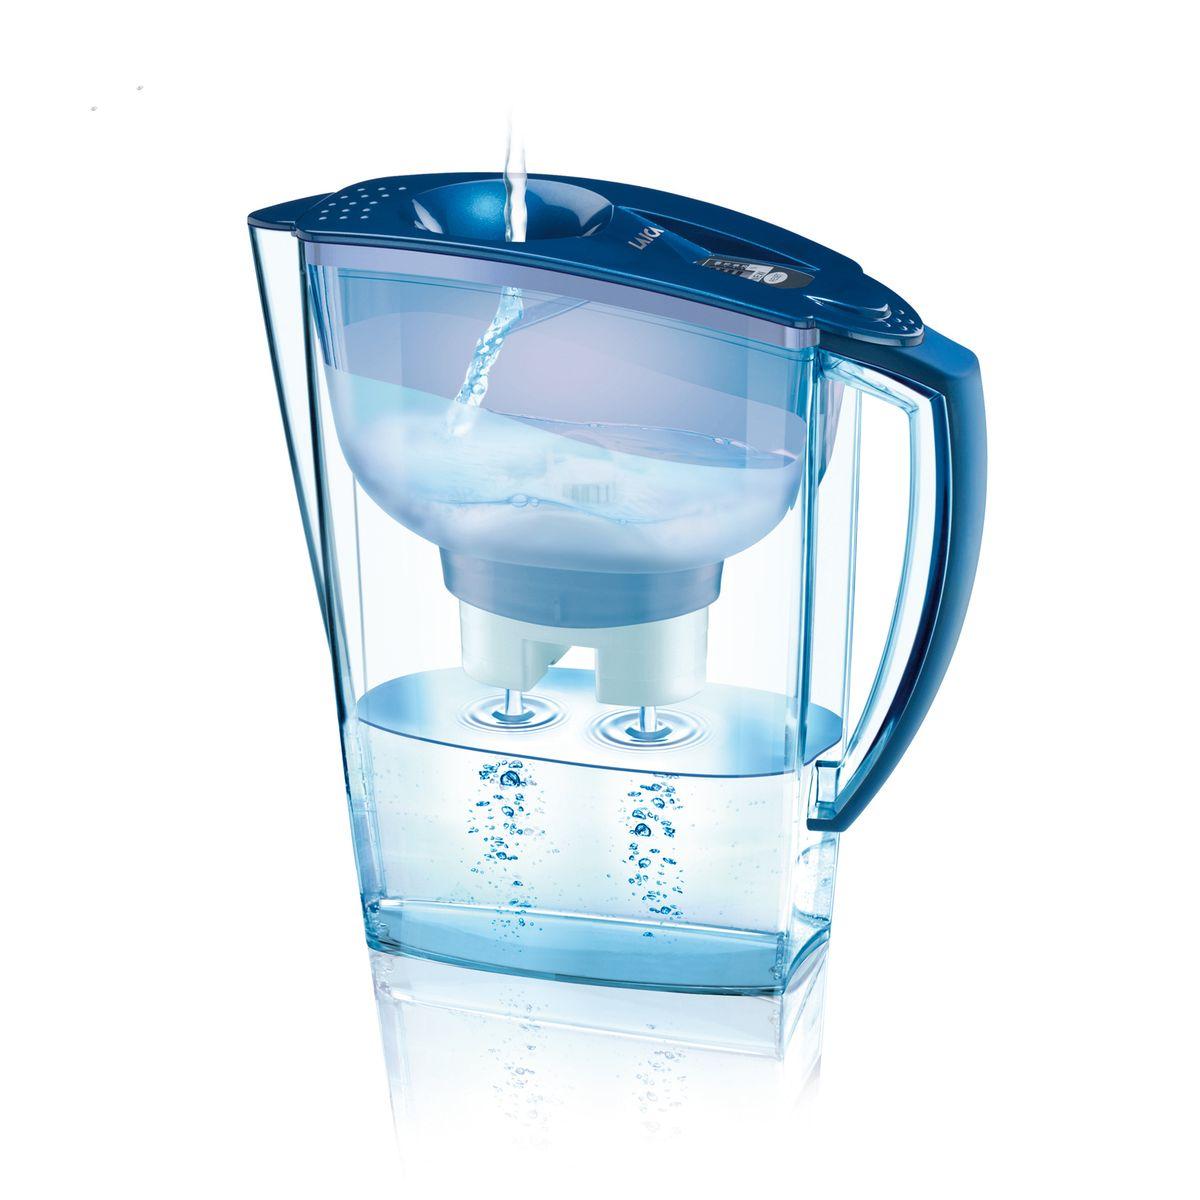 Ranking filtrów do wody